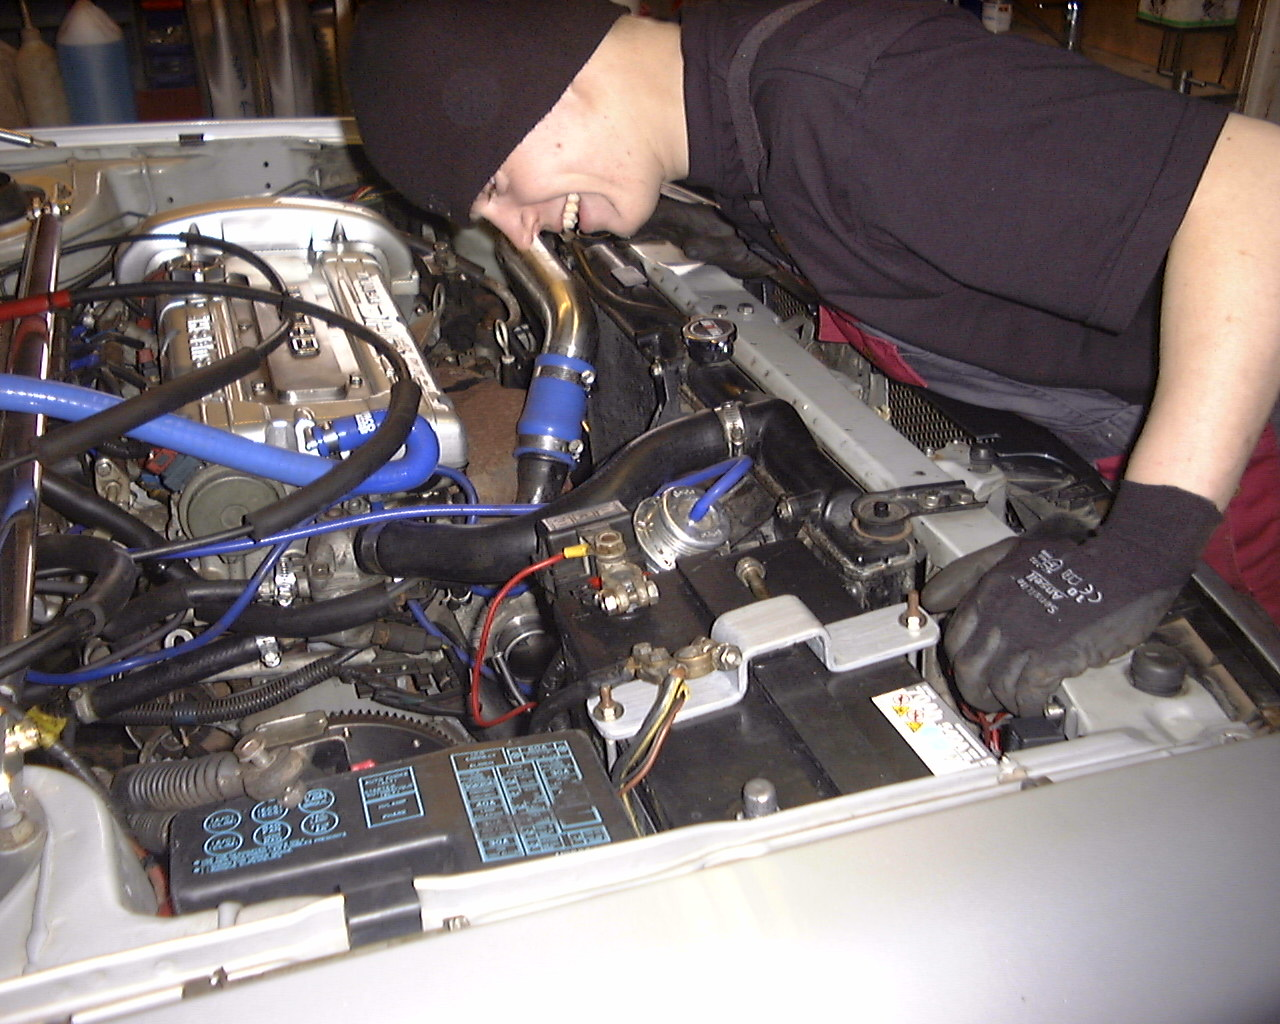 mit-nye-projekt-i-2006-95